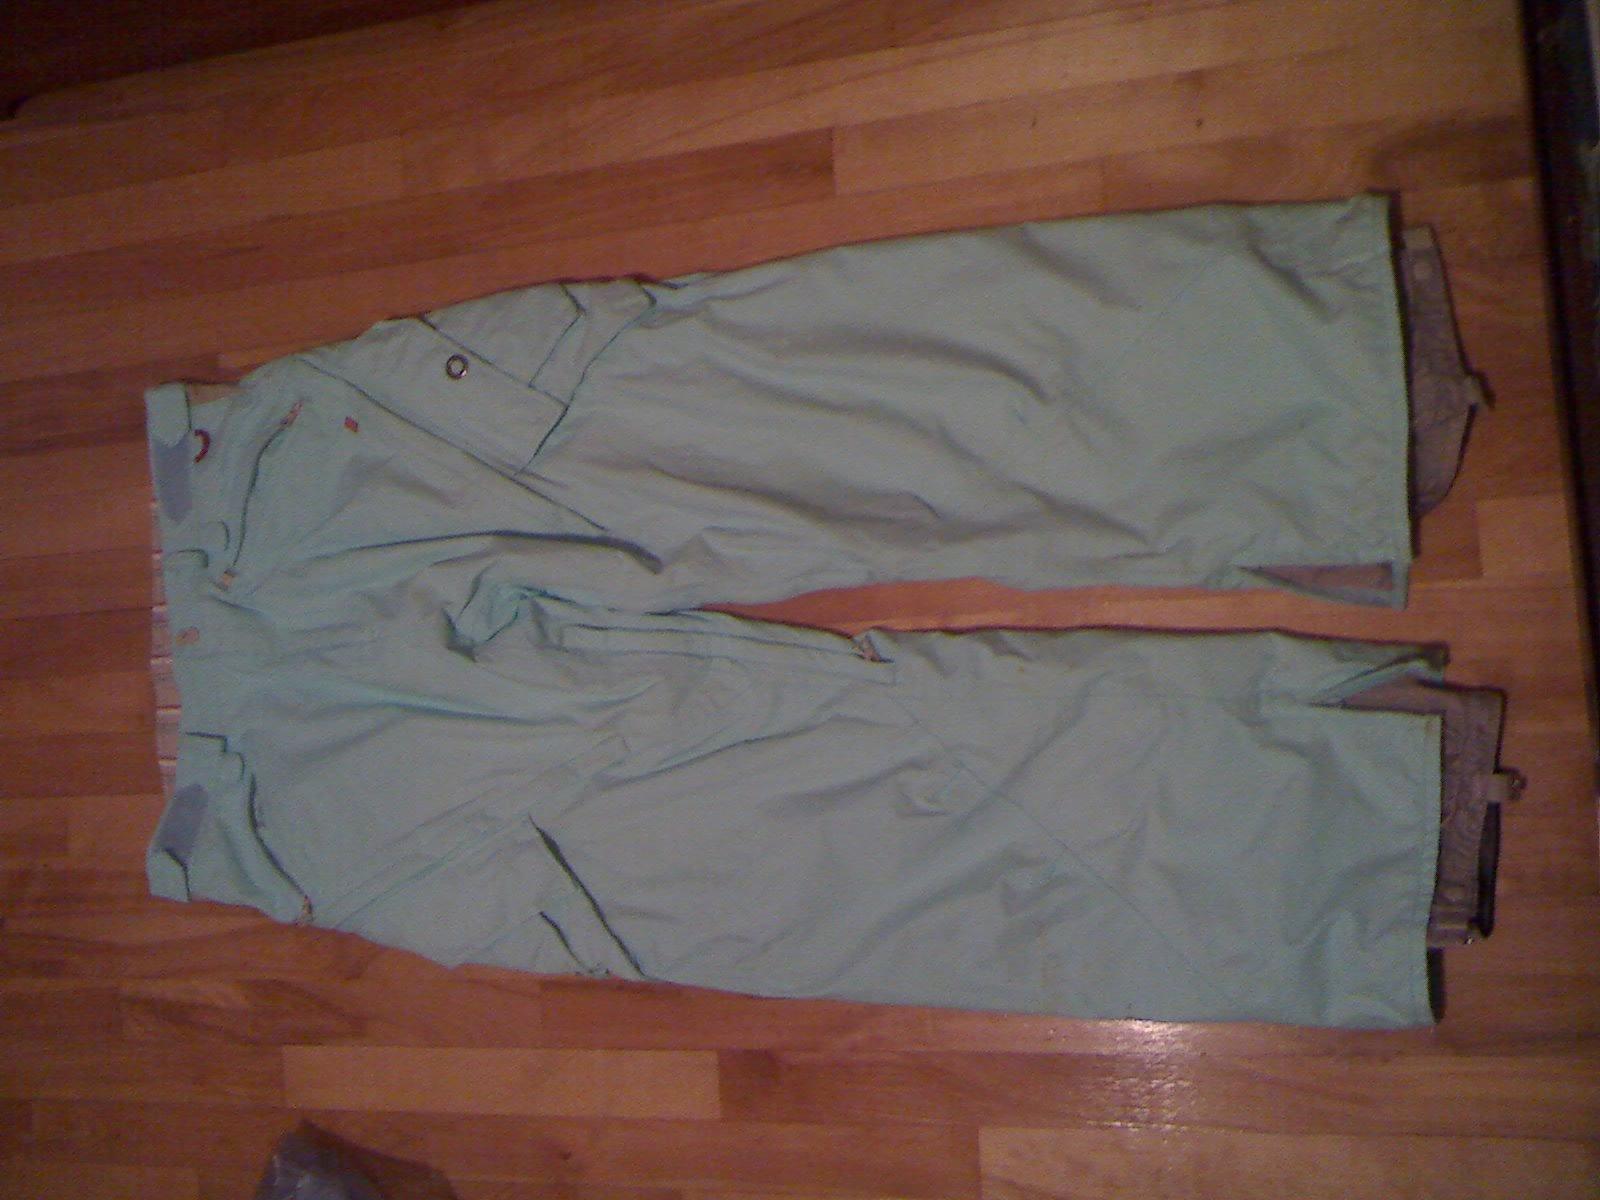 WTS: Large pants foursquares